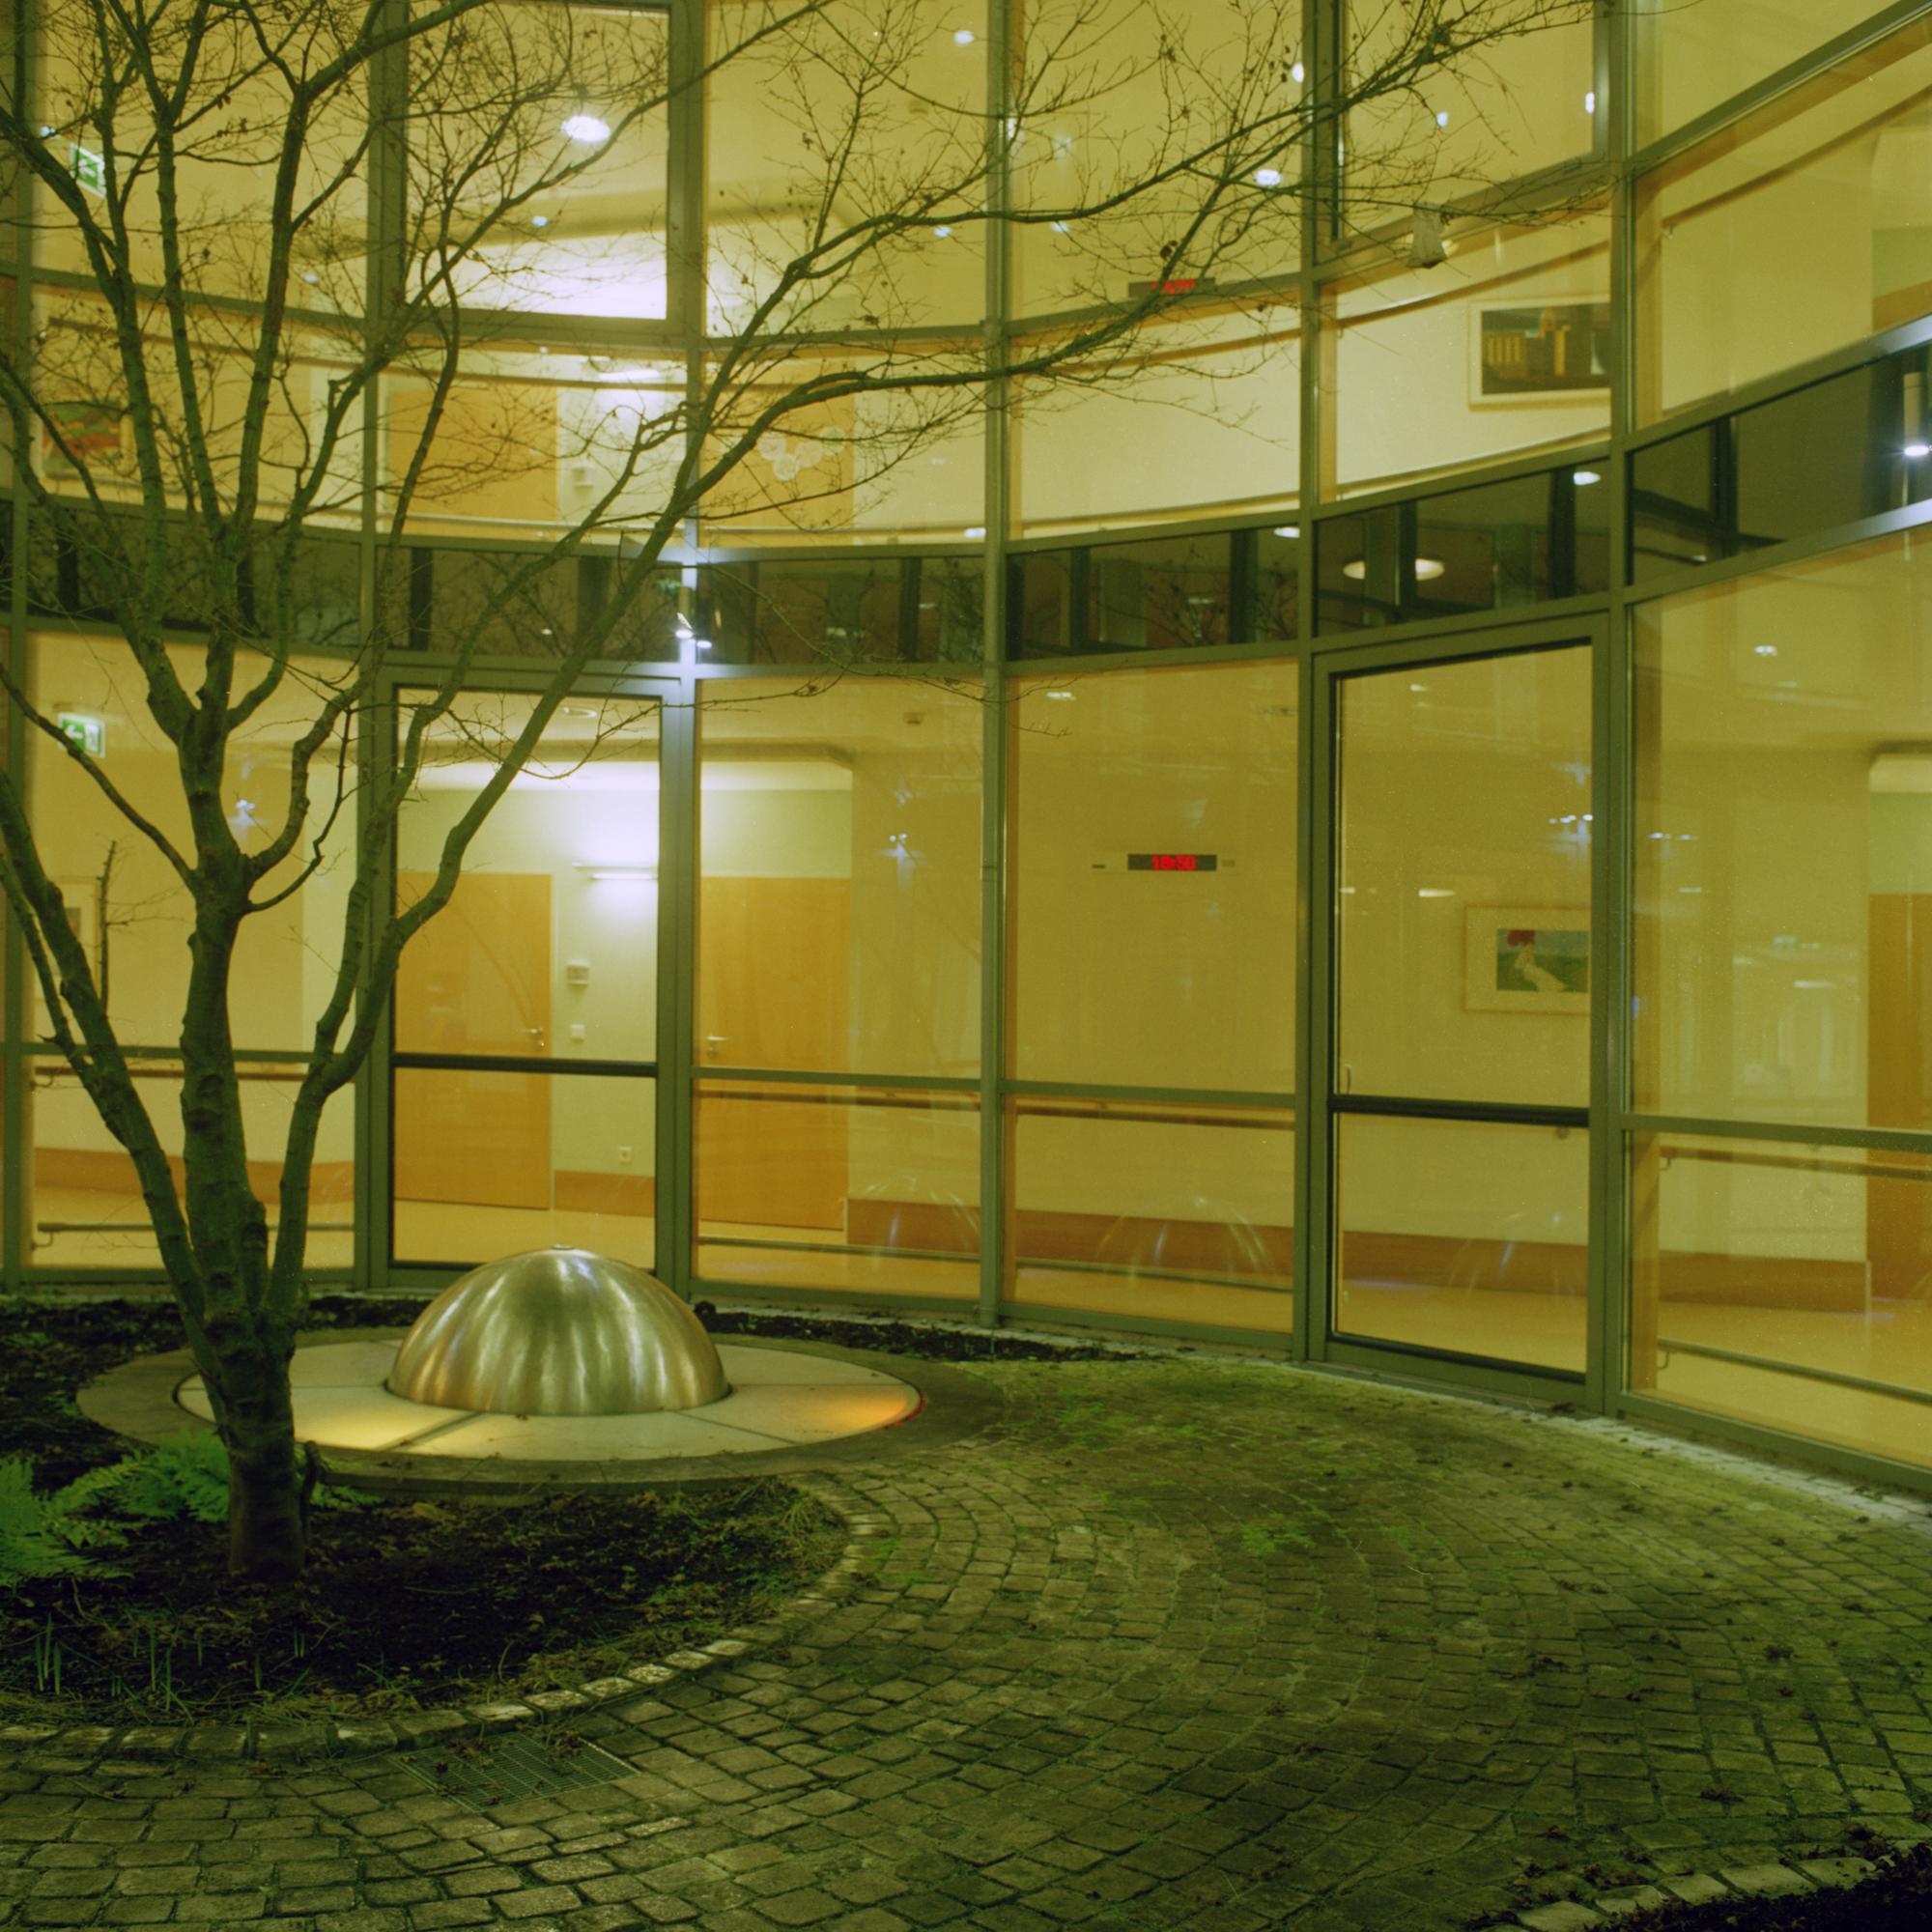 Luise-Kiesselbach-Haus (Kuratorium Wohnen im Alter) , Muenchen. Garten im Innenbereich mit beleuchtete Rotunde in der Einrichtung Luise-Kiesselbach in der Graf Lehndorf Strasse 24, Munchen am 18. Januar 2011. Fotograf: Evi Lemberger